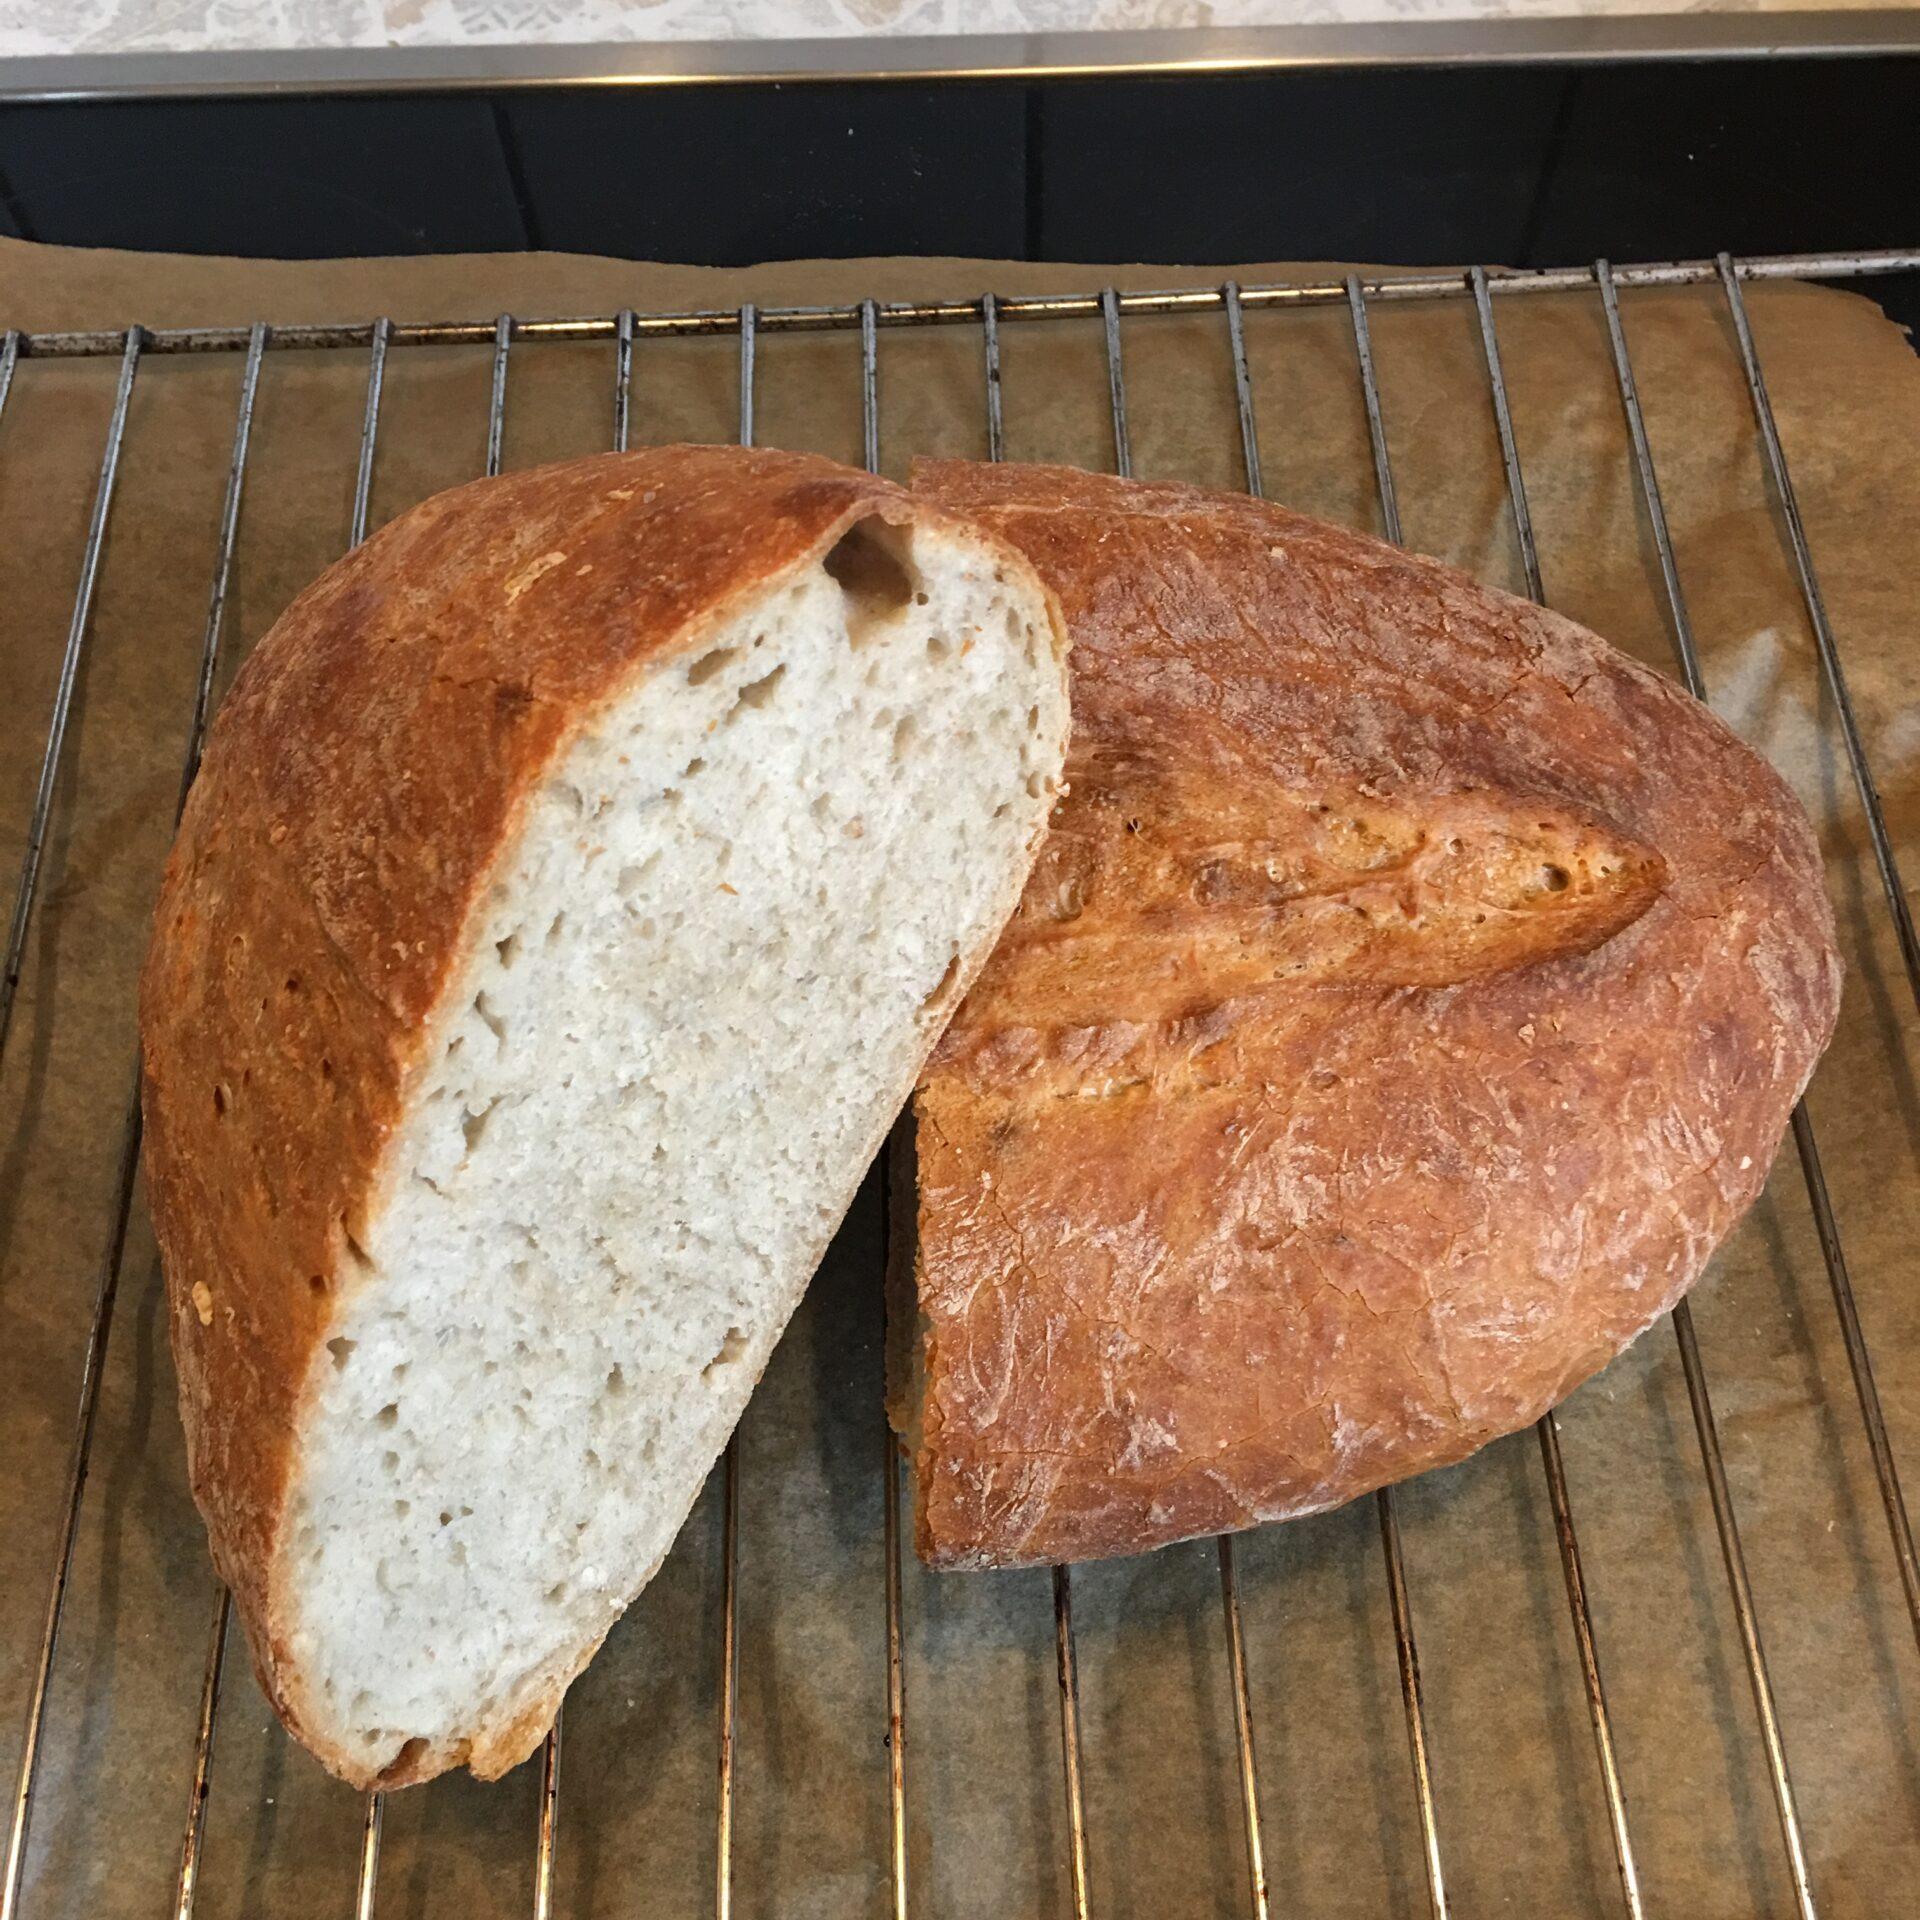 Ein halbiertes Brot. Man kann sowohl die Kruste, als auch die weiche Krume fühlen.